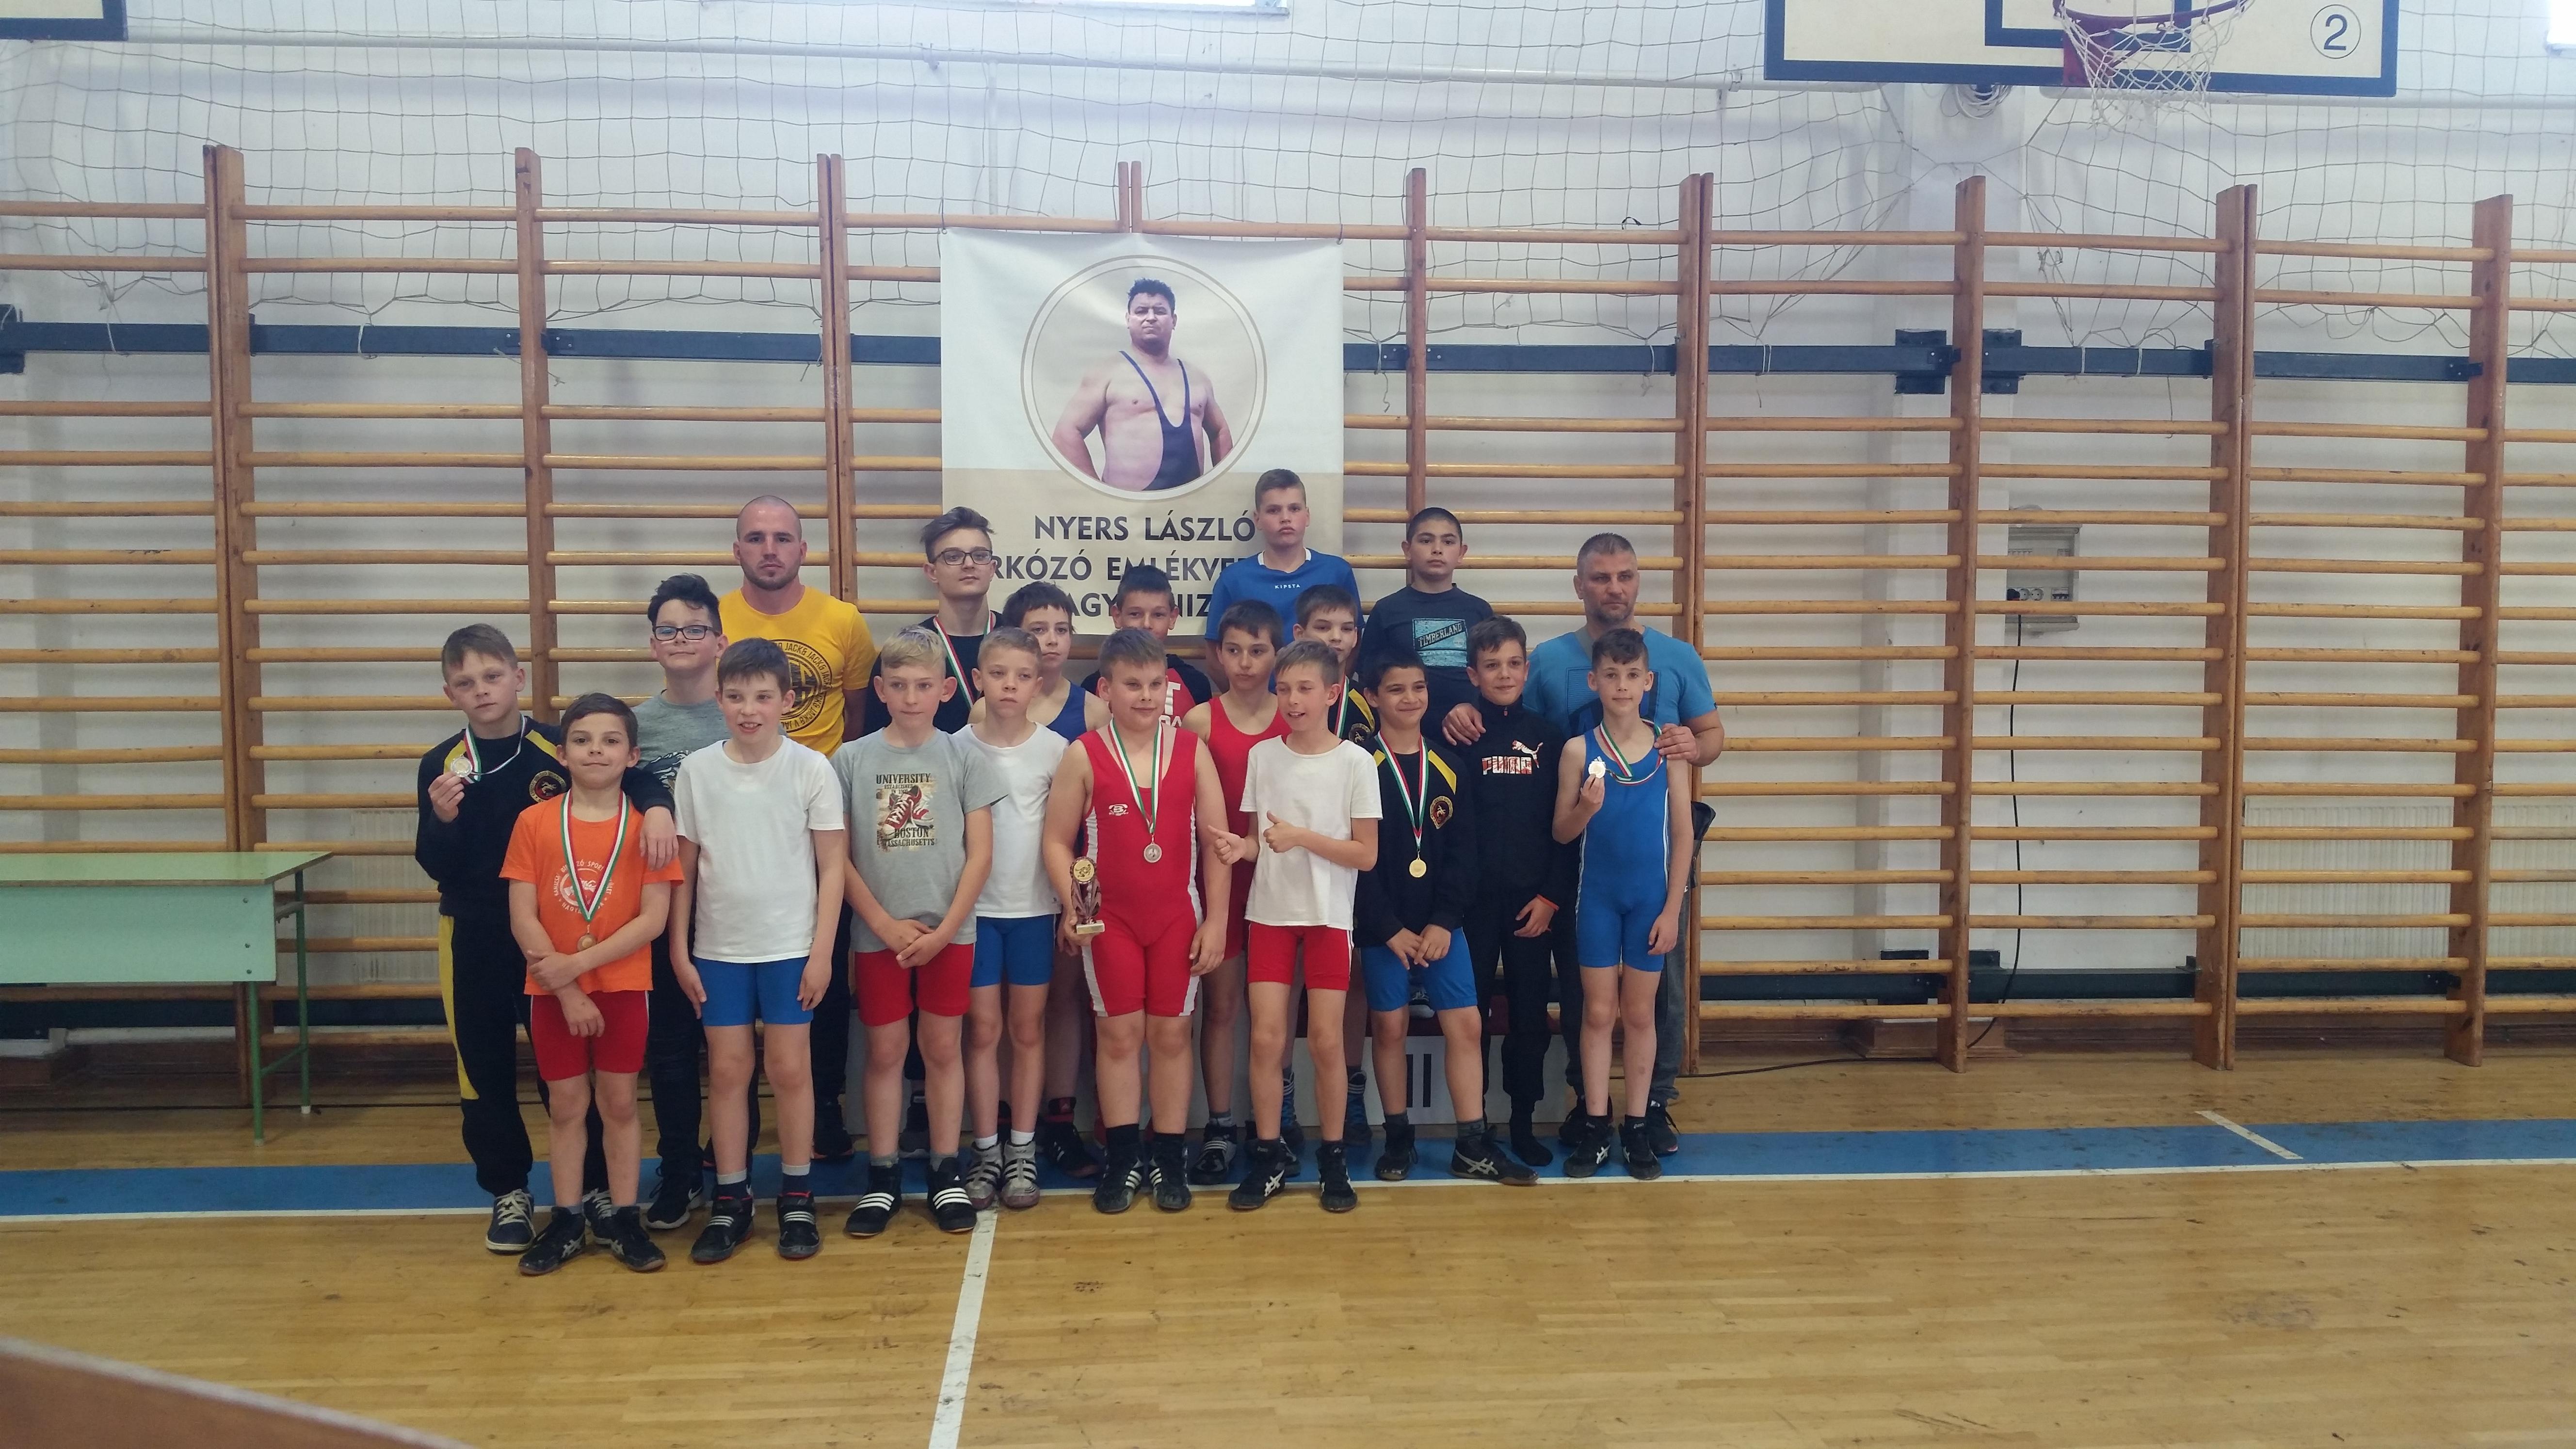 Nyers László birkózó emlékverseny, Diák Területi Bajnokság-Nagykanizsa